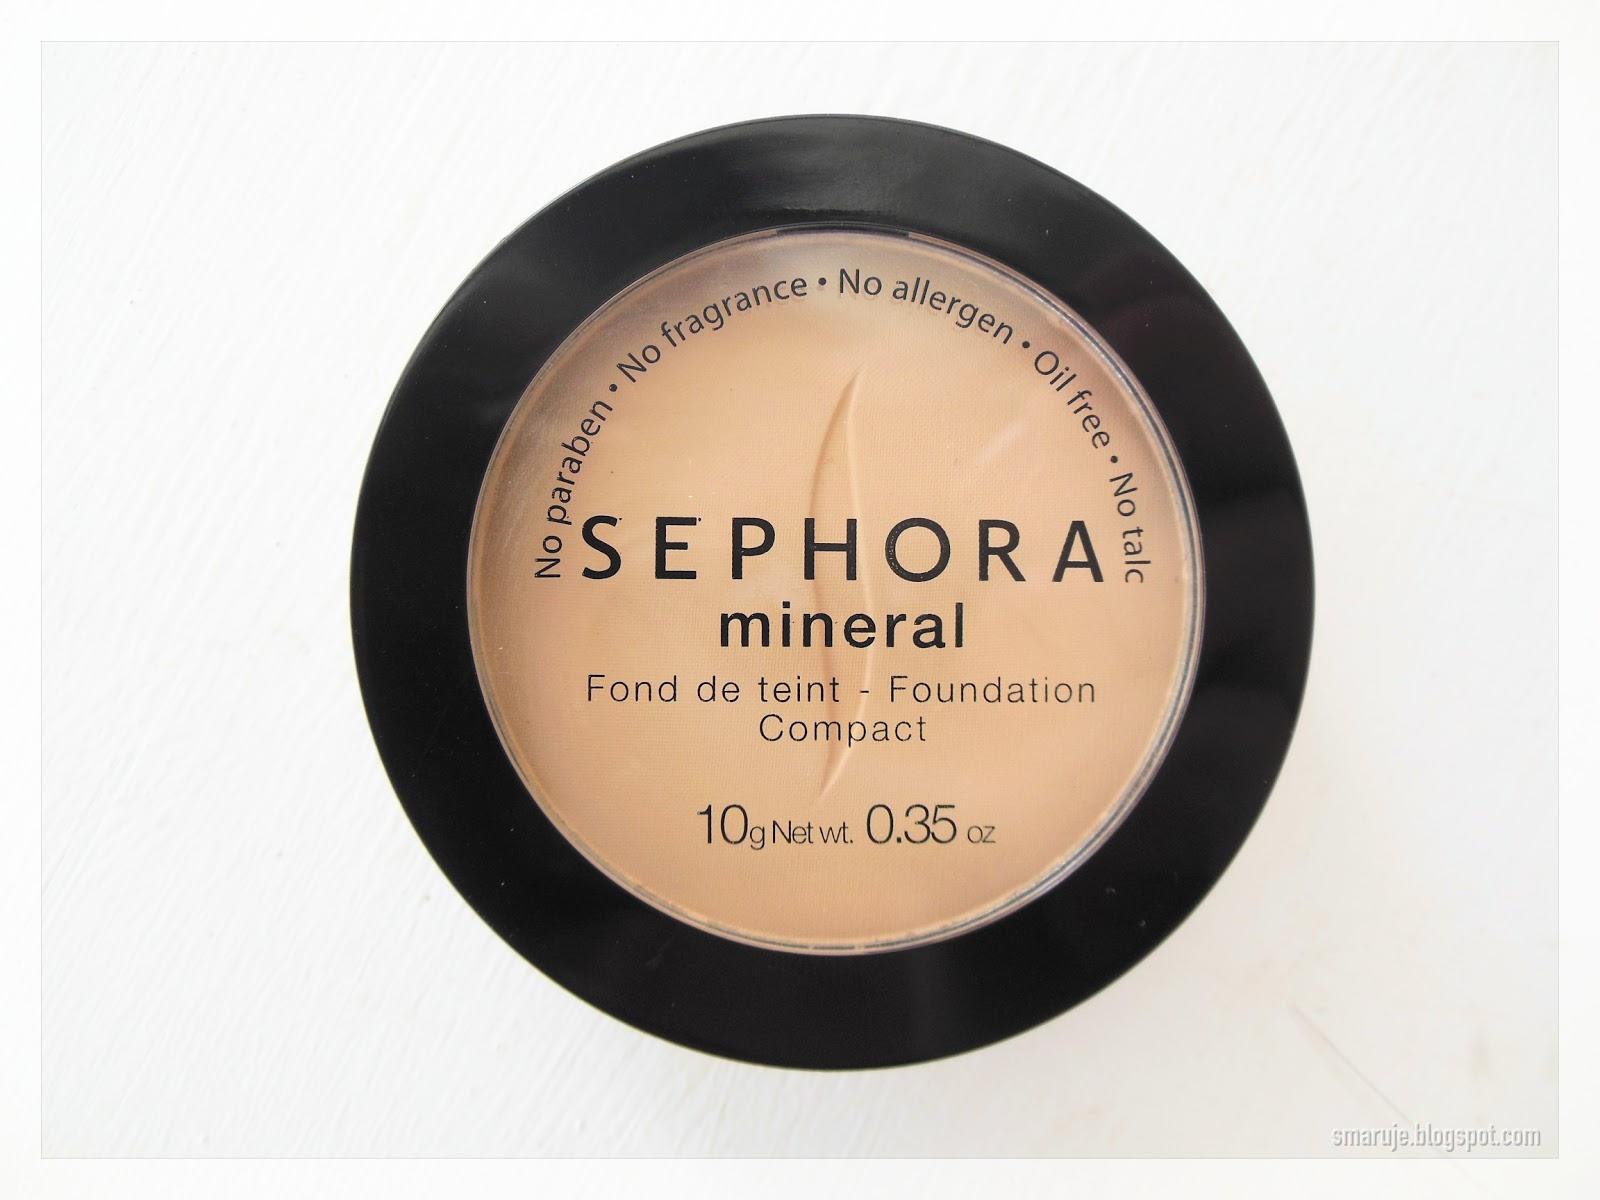 Sephora –Fond de Teint, czyli mineralny puder-podkład w kompakcie, odcień 25 medium beige